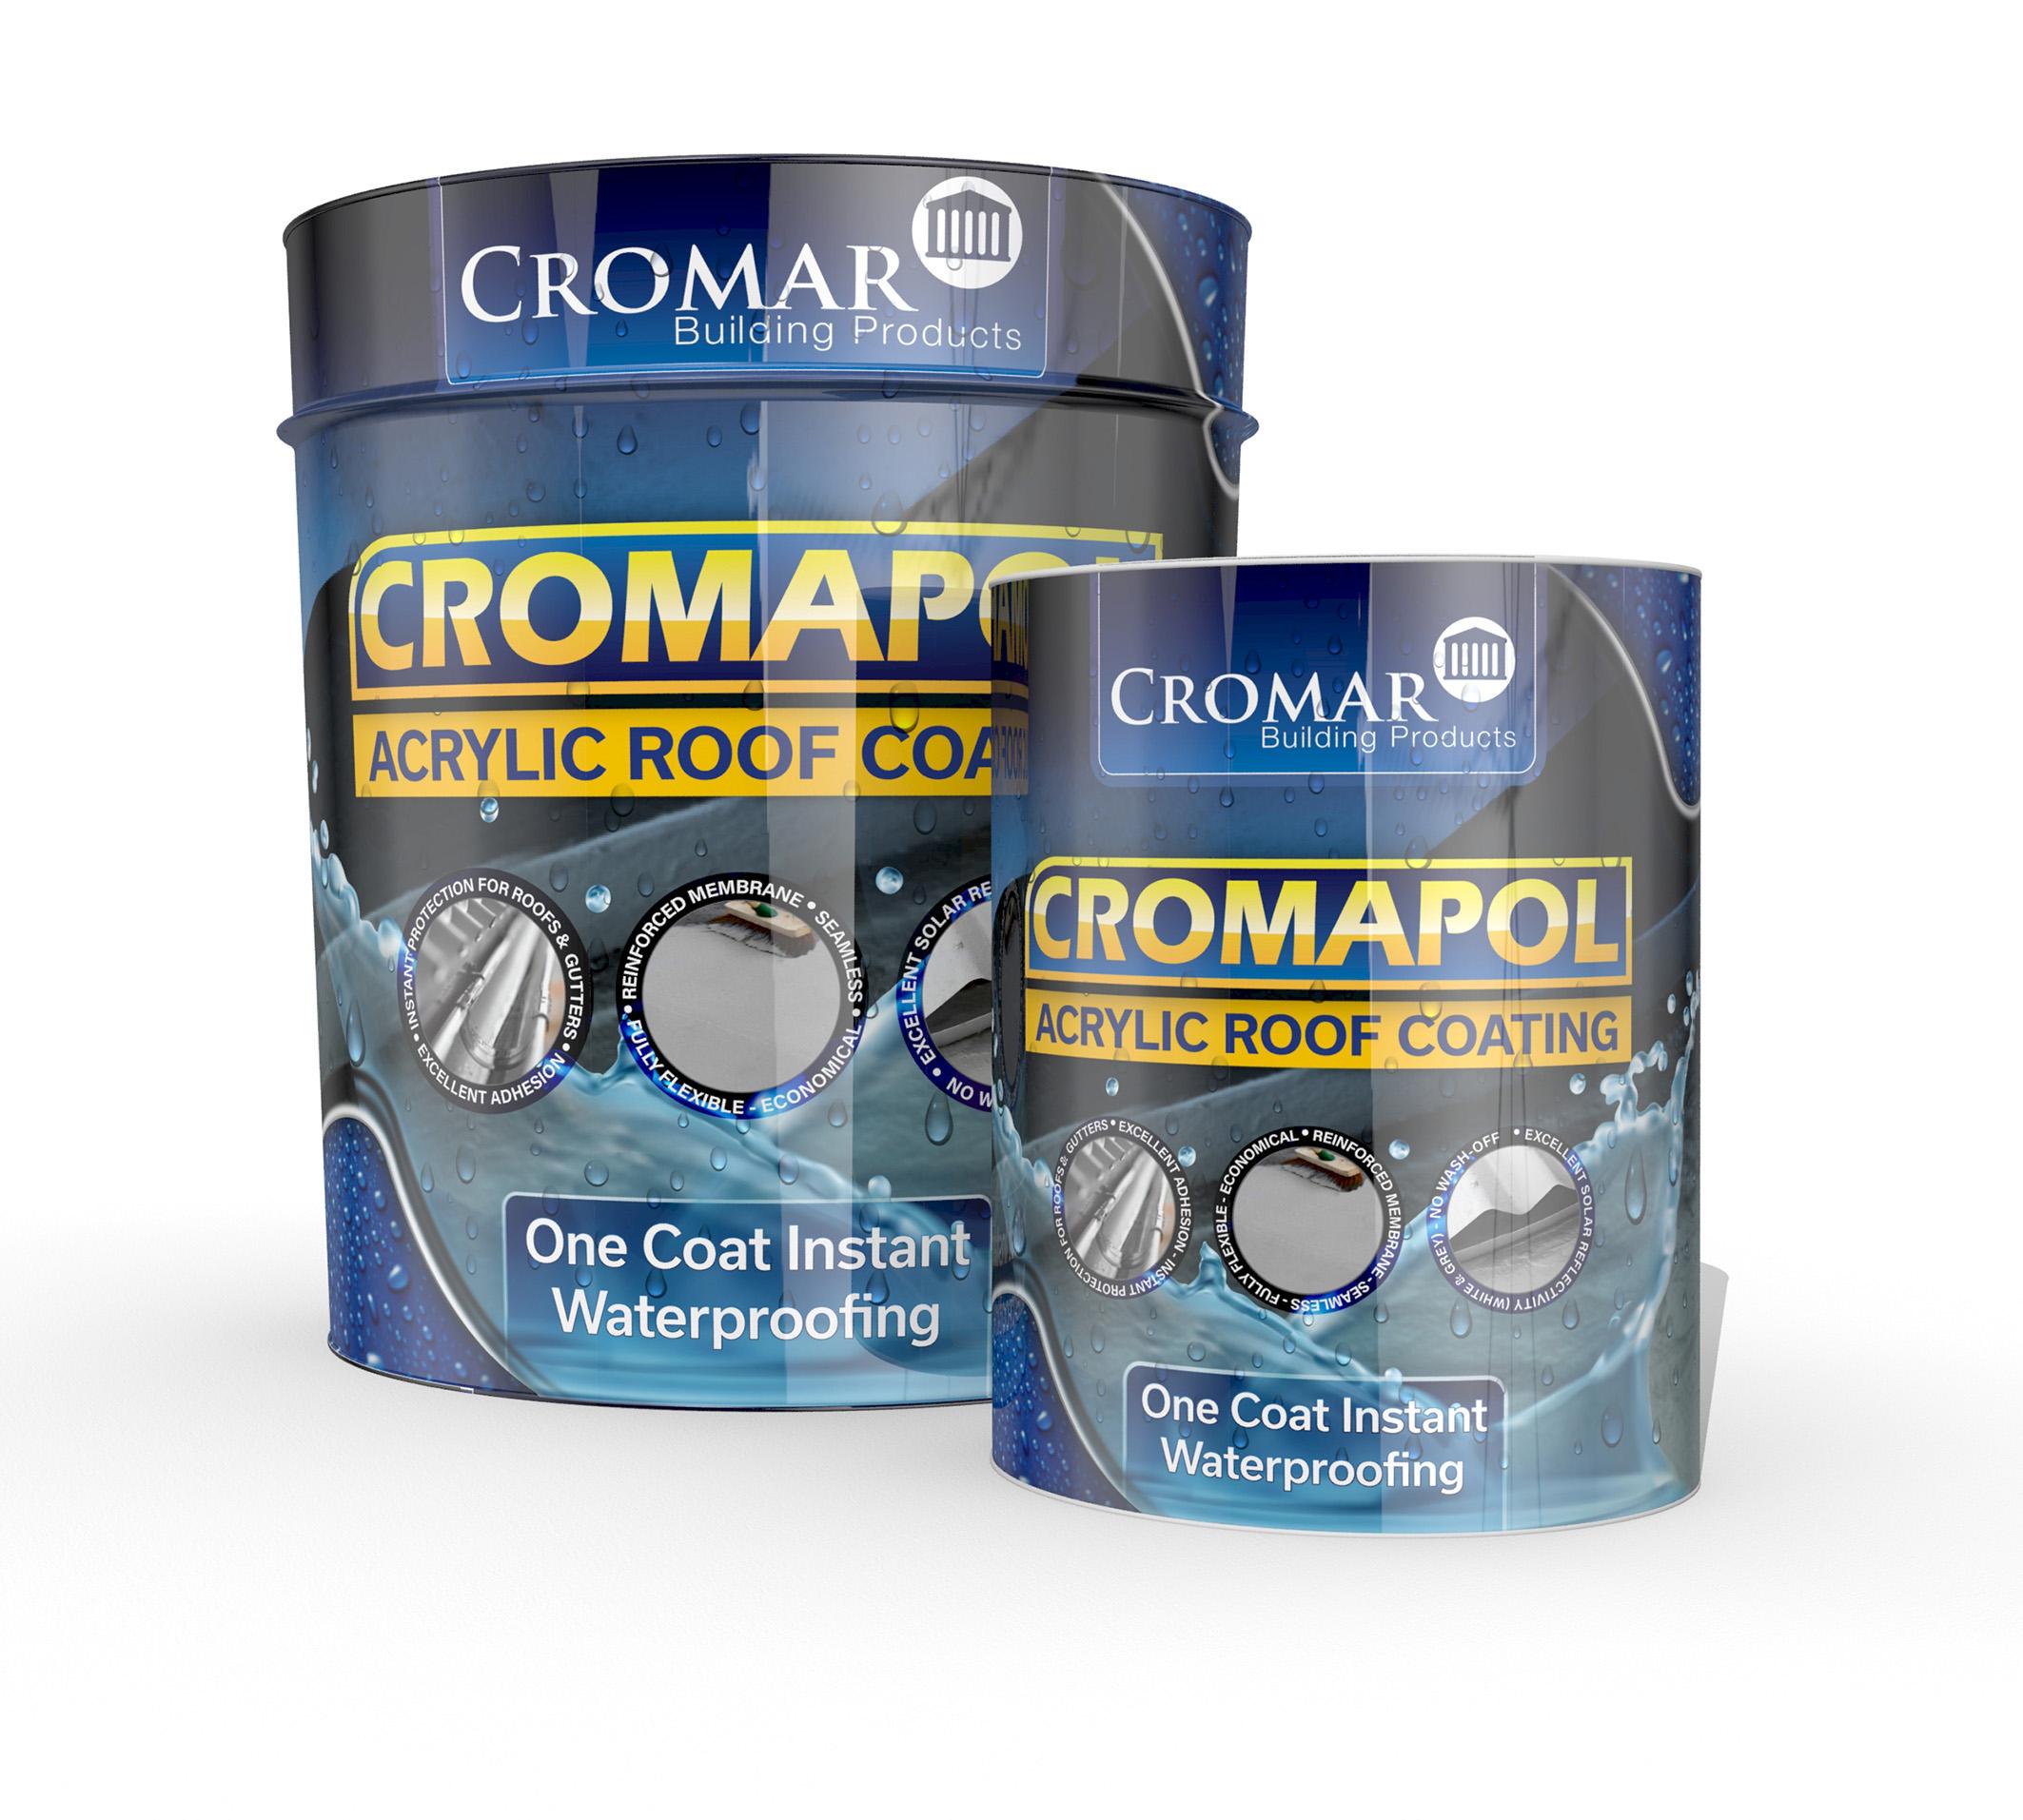 cromapl-5kg-20kg-2019-tins-3d